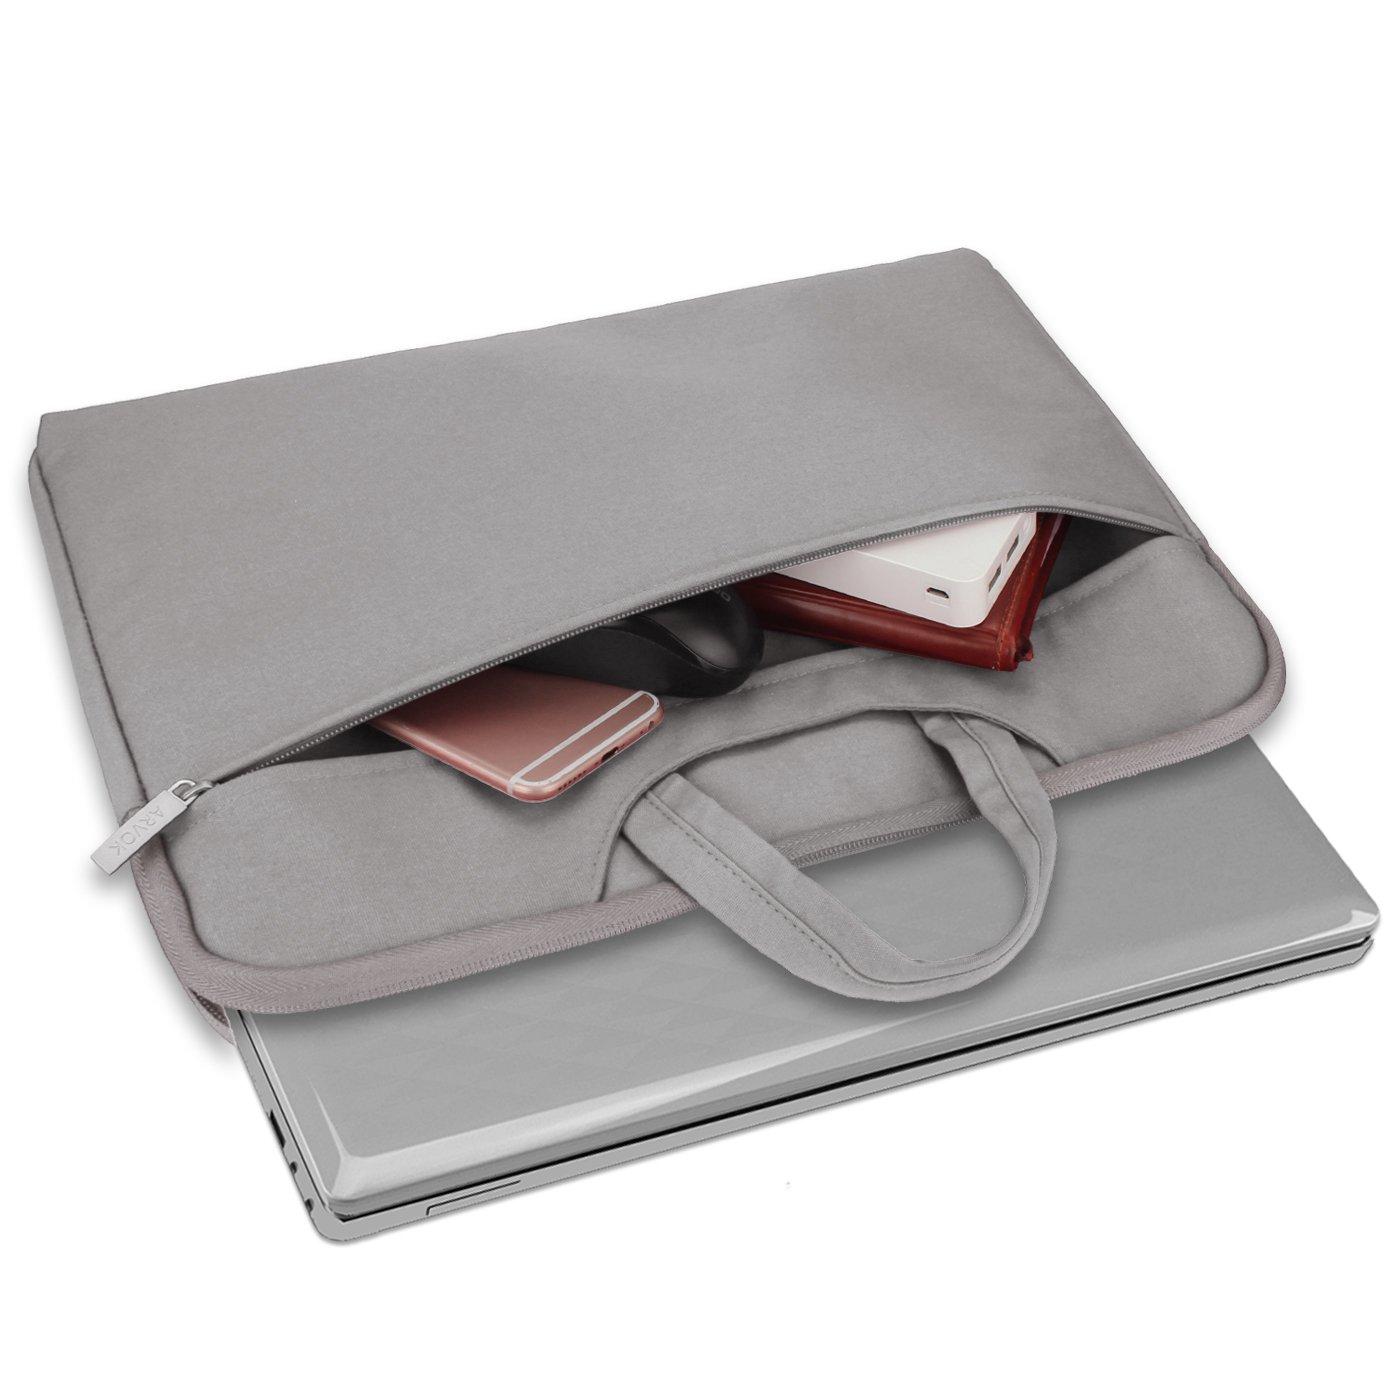 Noir ARVOK 15 15.6 Pouces Housse avec Poign/ée pour Ordinateur Portable Sacoche Pochette PC en Toile de Protection Ordinateur/pour Macbook Pro Retina//ASUS//Dell//HP//Lenovo//Tashiba//Sony